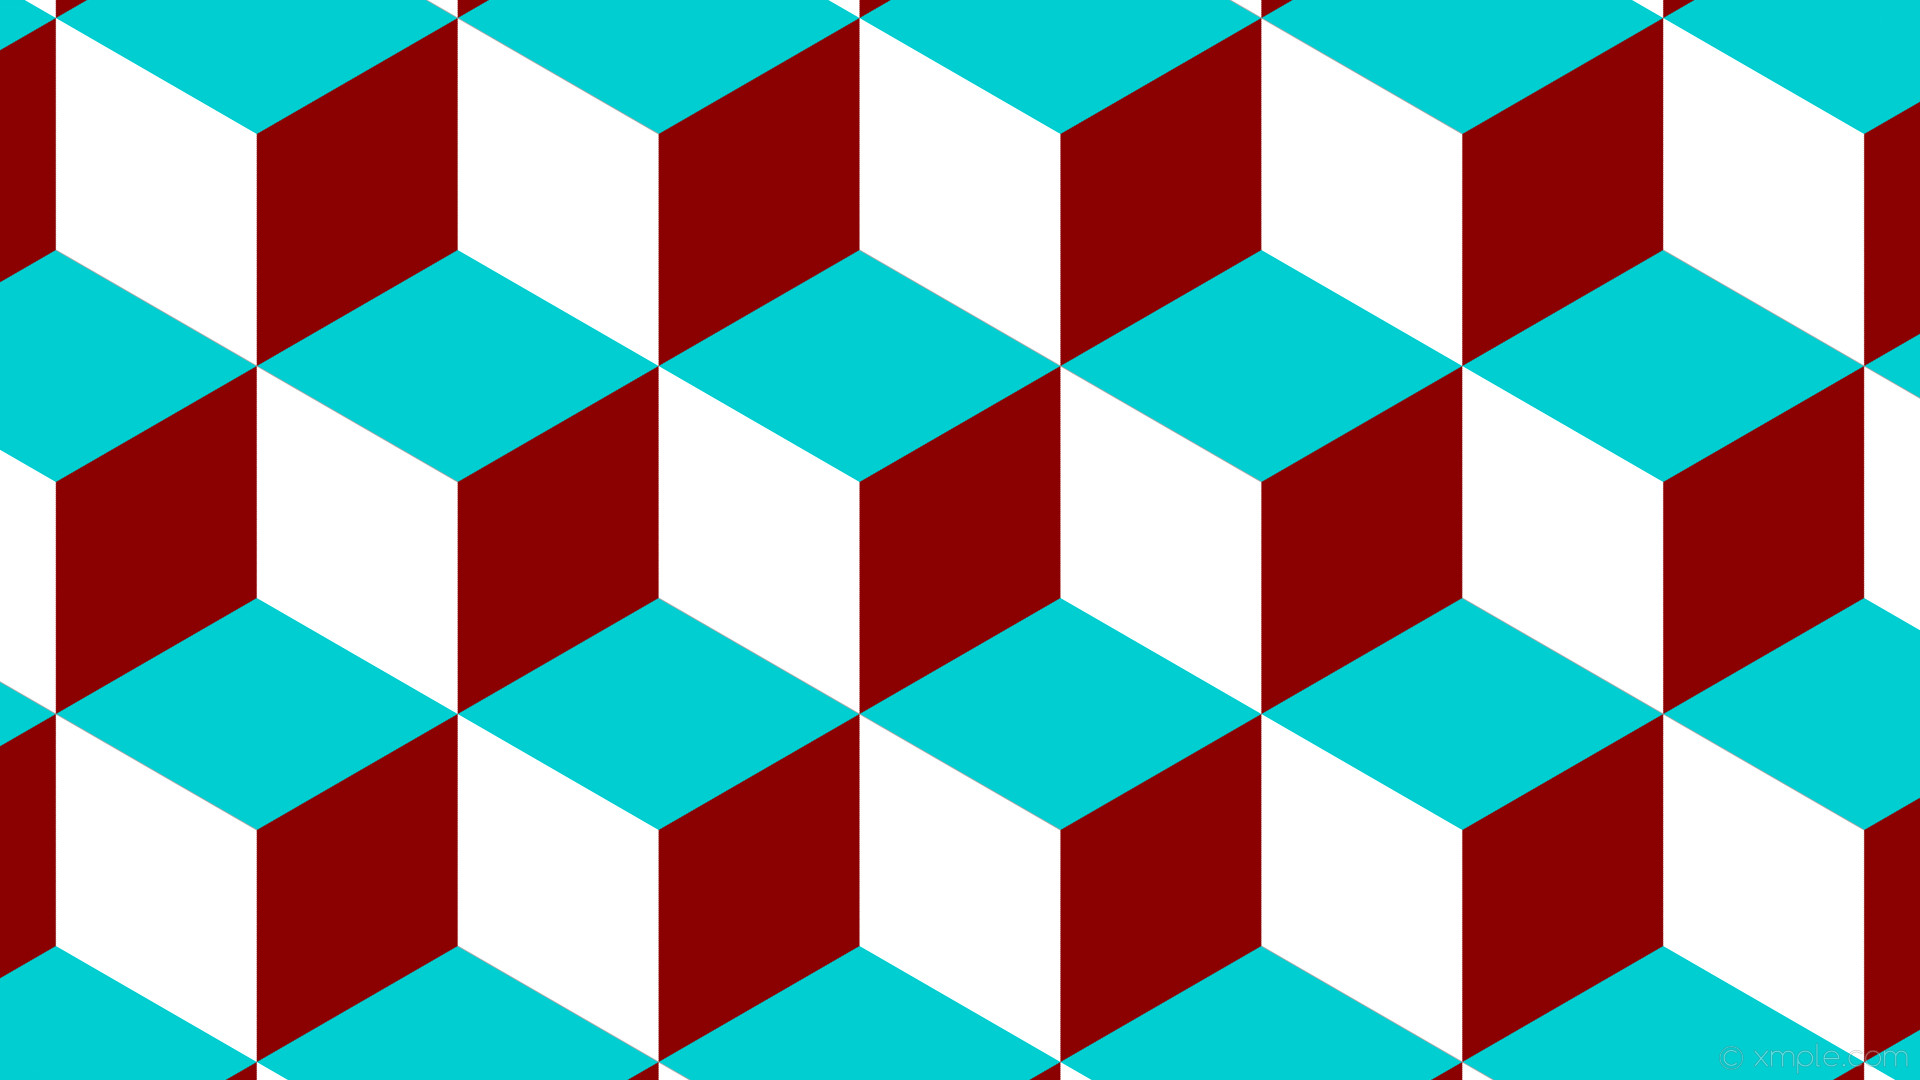 wallpaper red blue 3d cubes white dark red dark turquoise #8b0000 #00ced1  #ffffff